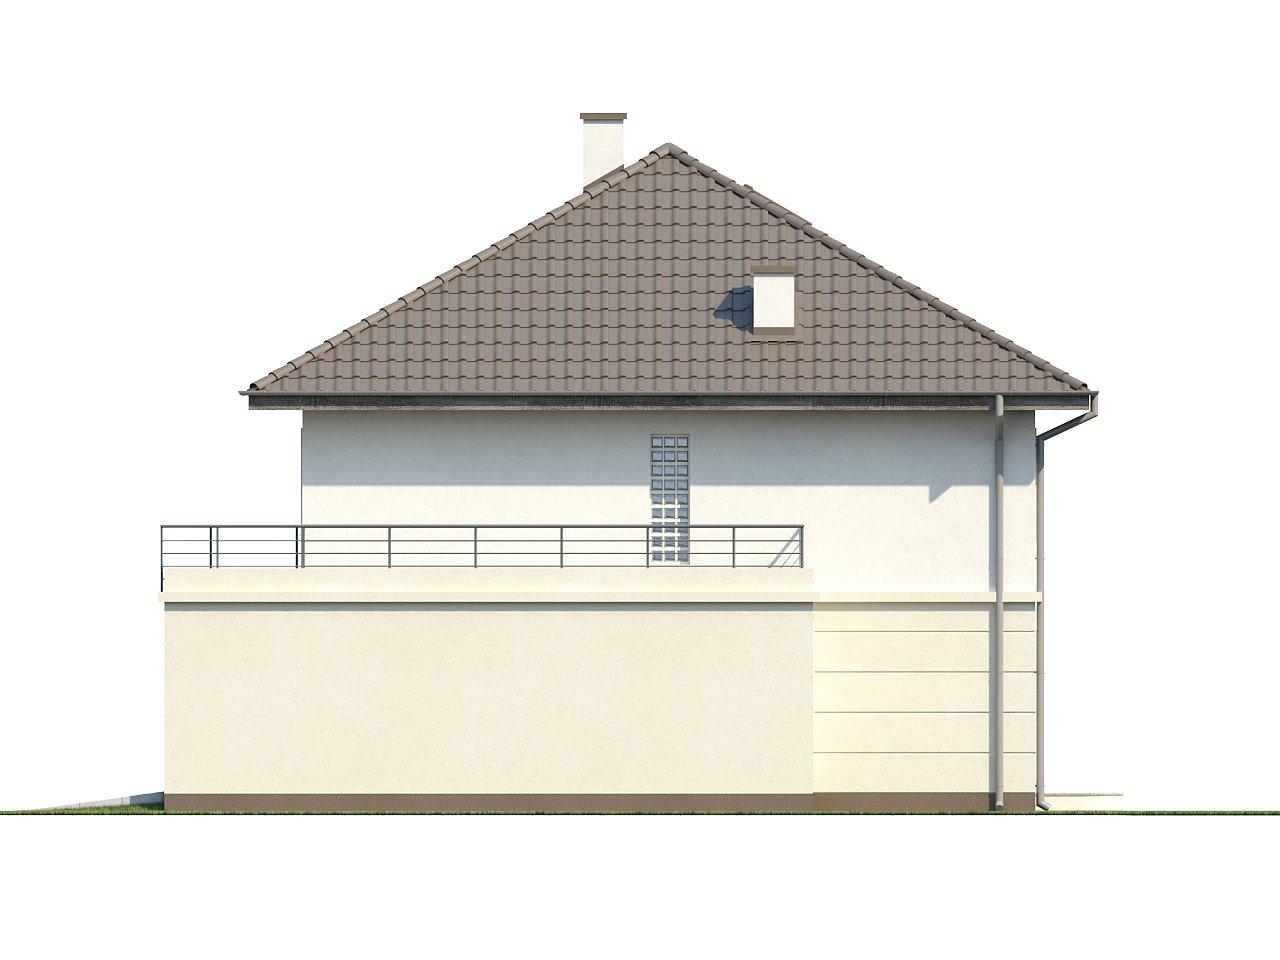 Просторный двухэтажный дом простой формы с террасой над гаражом. - фото 7